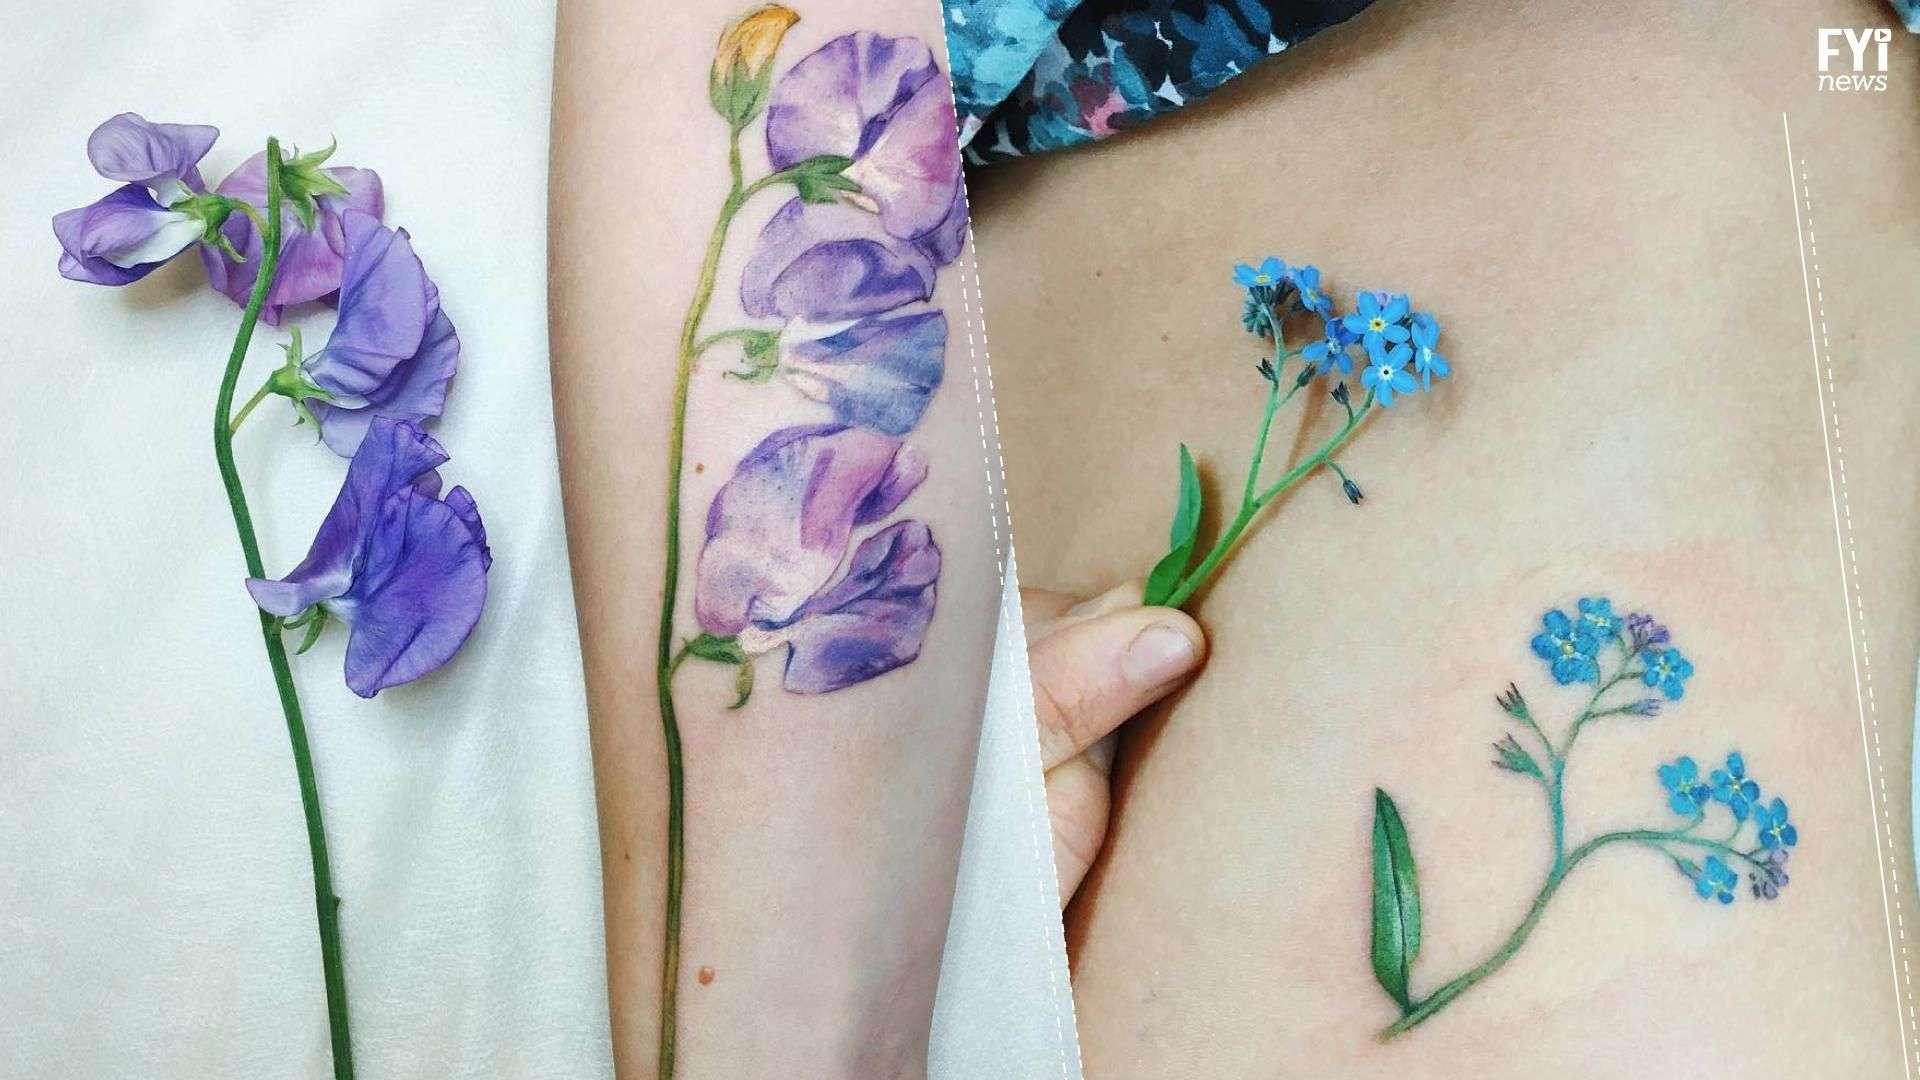 Tatuajes a flor de piel